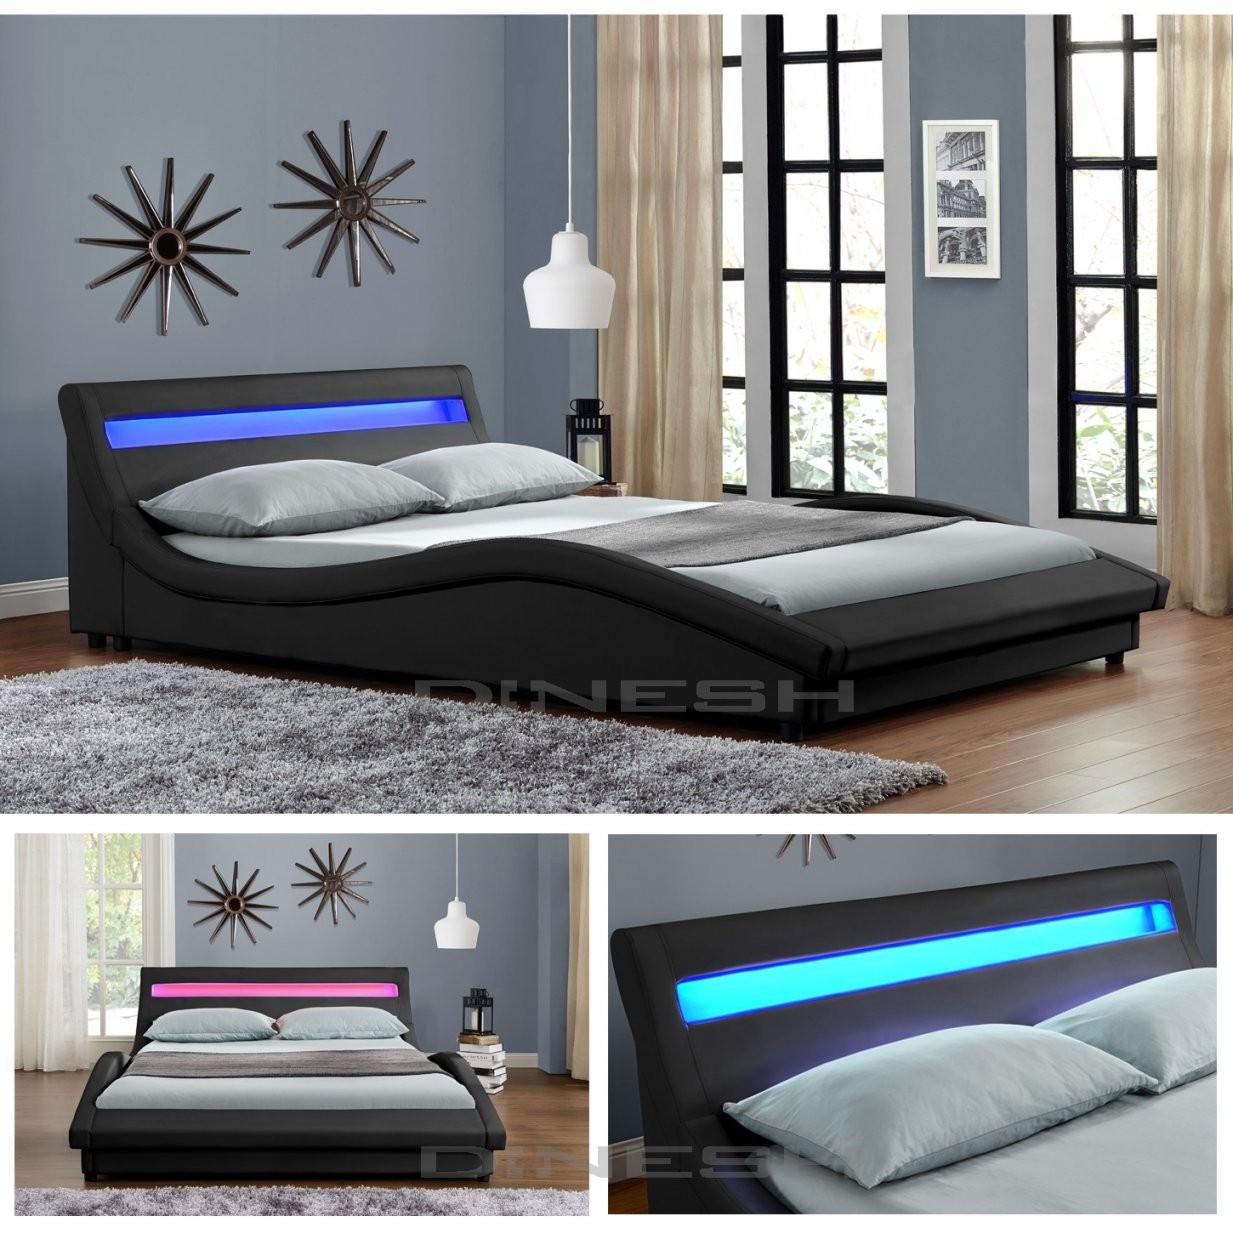 Charmant Bett 140X200 Komplett Günstig Billige Betten Billig von Günstige Betten 140X200 Mit Lattenrost Und Matratze Photo